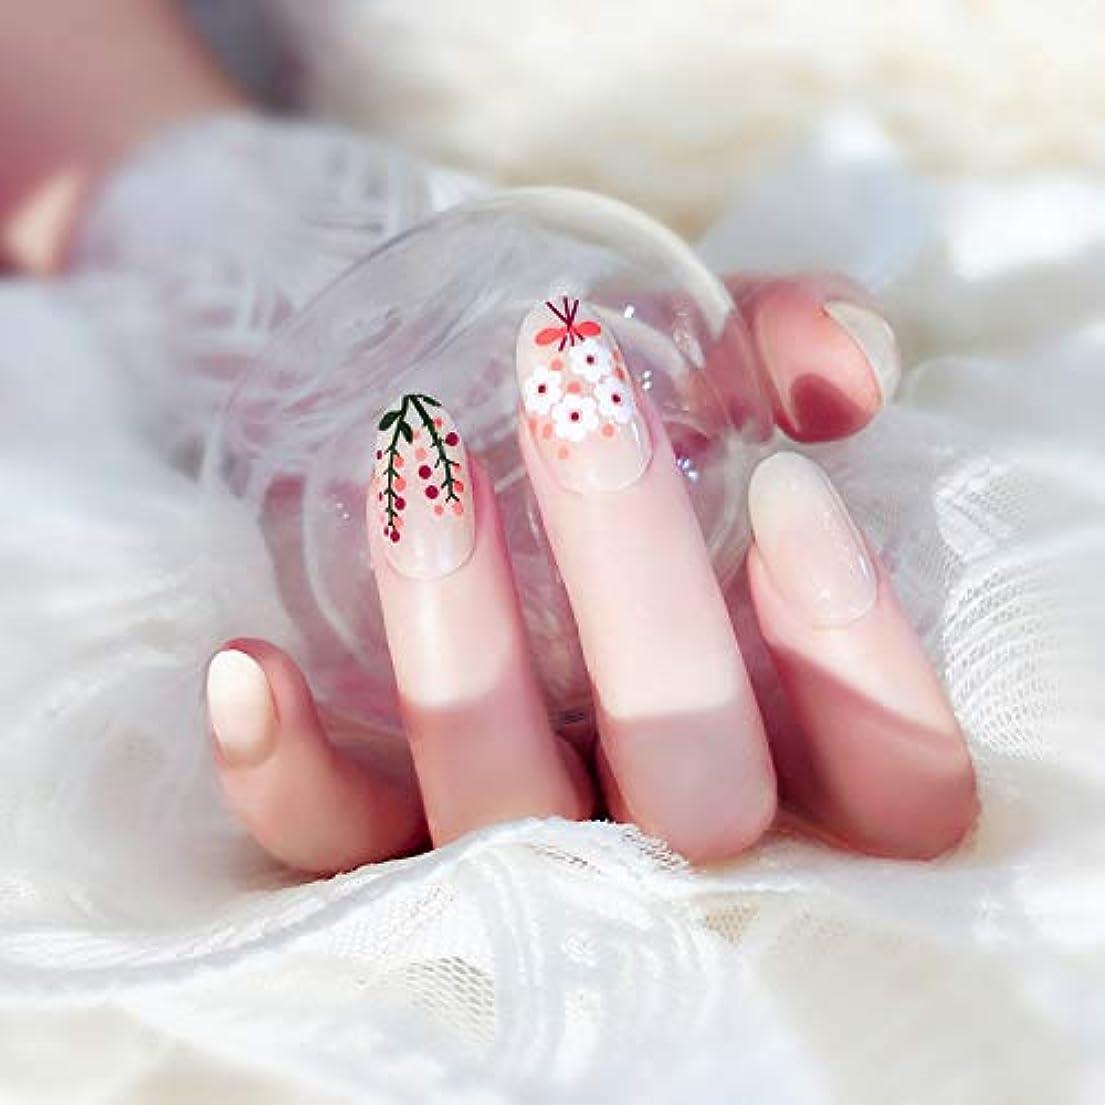 マージン不平を言うフロー24枚入 可愛い優雅ネイル 手作りネイルチップ 和装 ネイル 結婚式、パーティー、二次会など 予め接着した爪 中等長ネイルチップ (Z22)